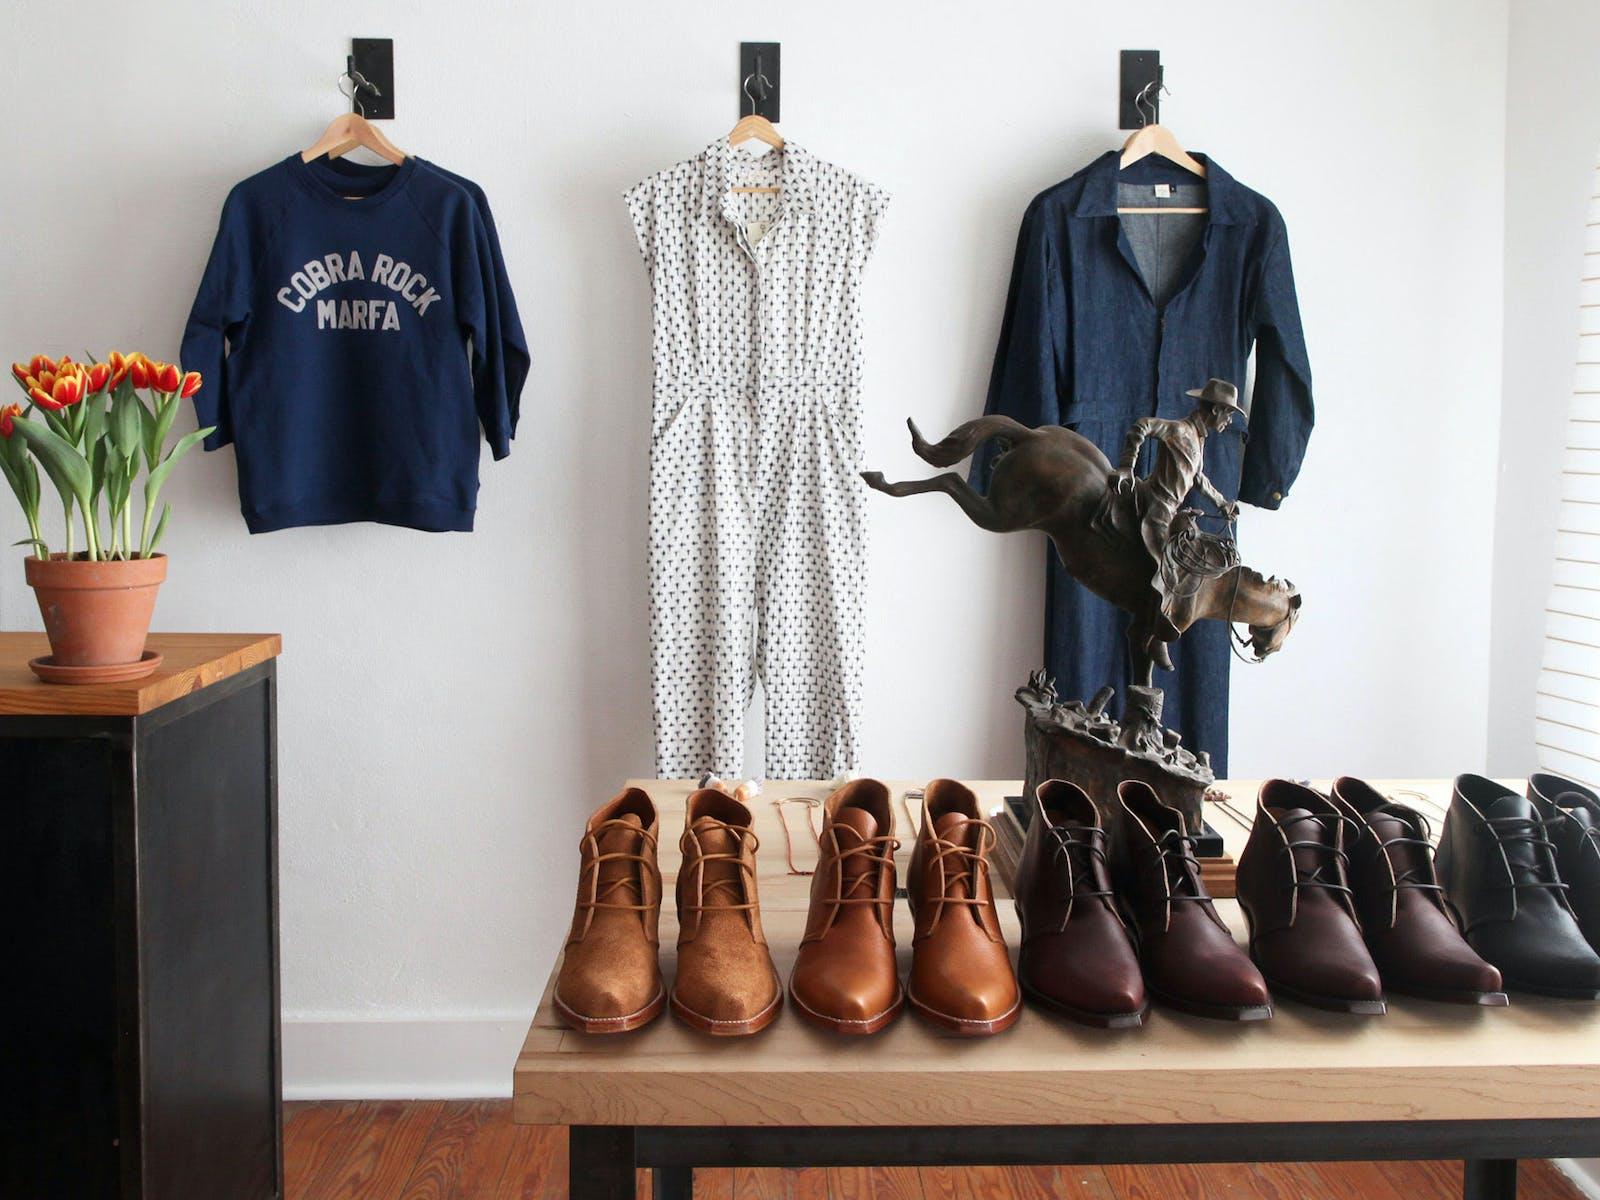 Cobra Rock boots